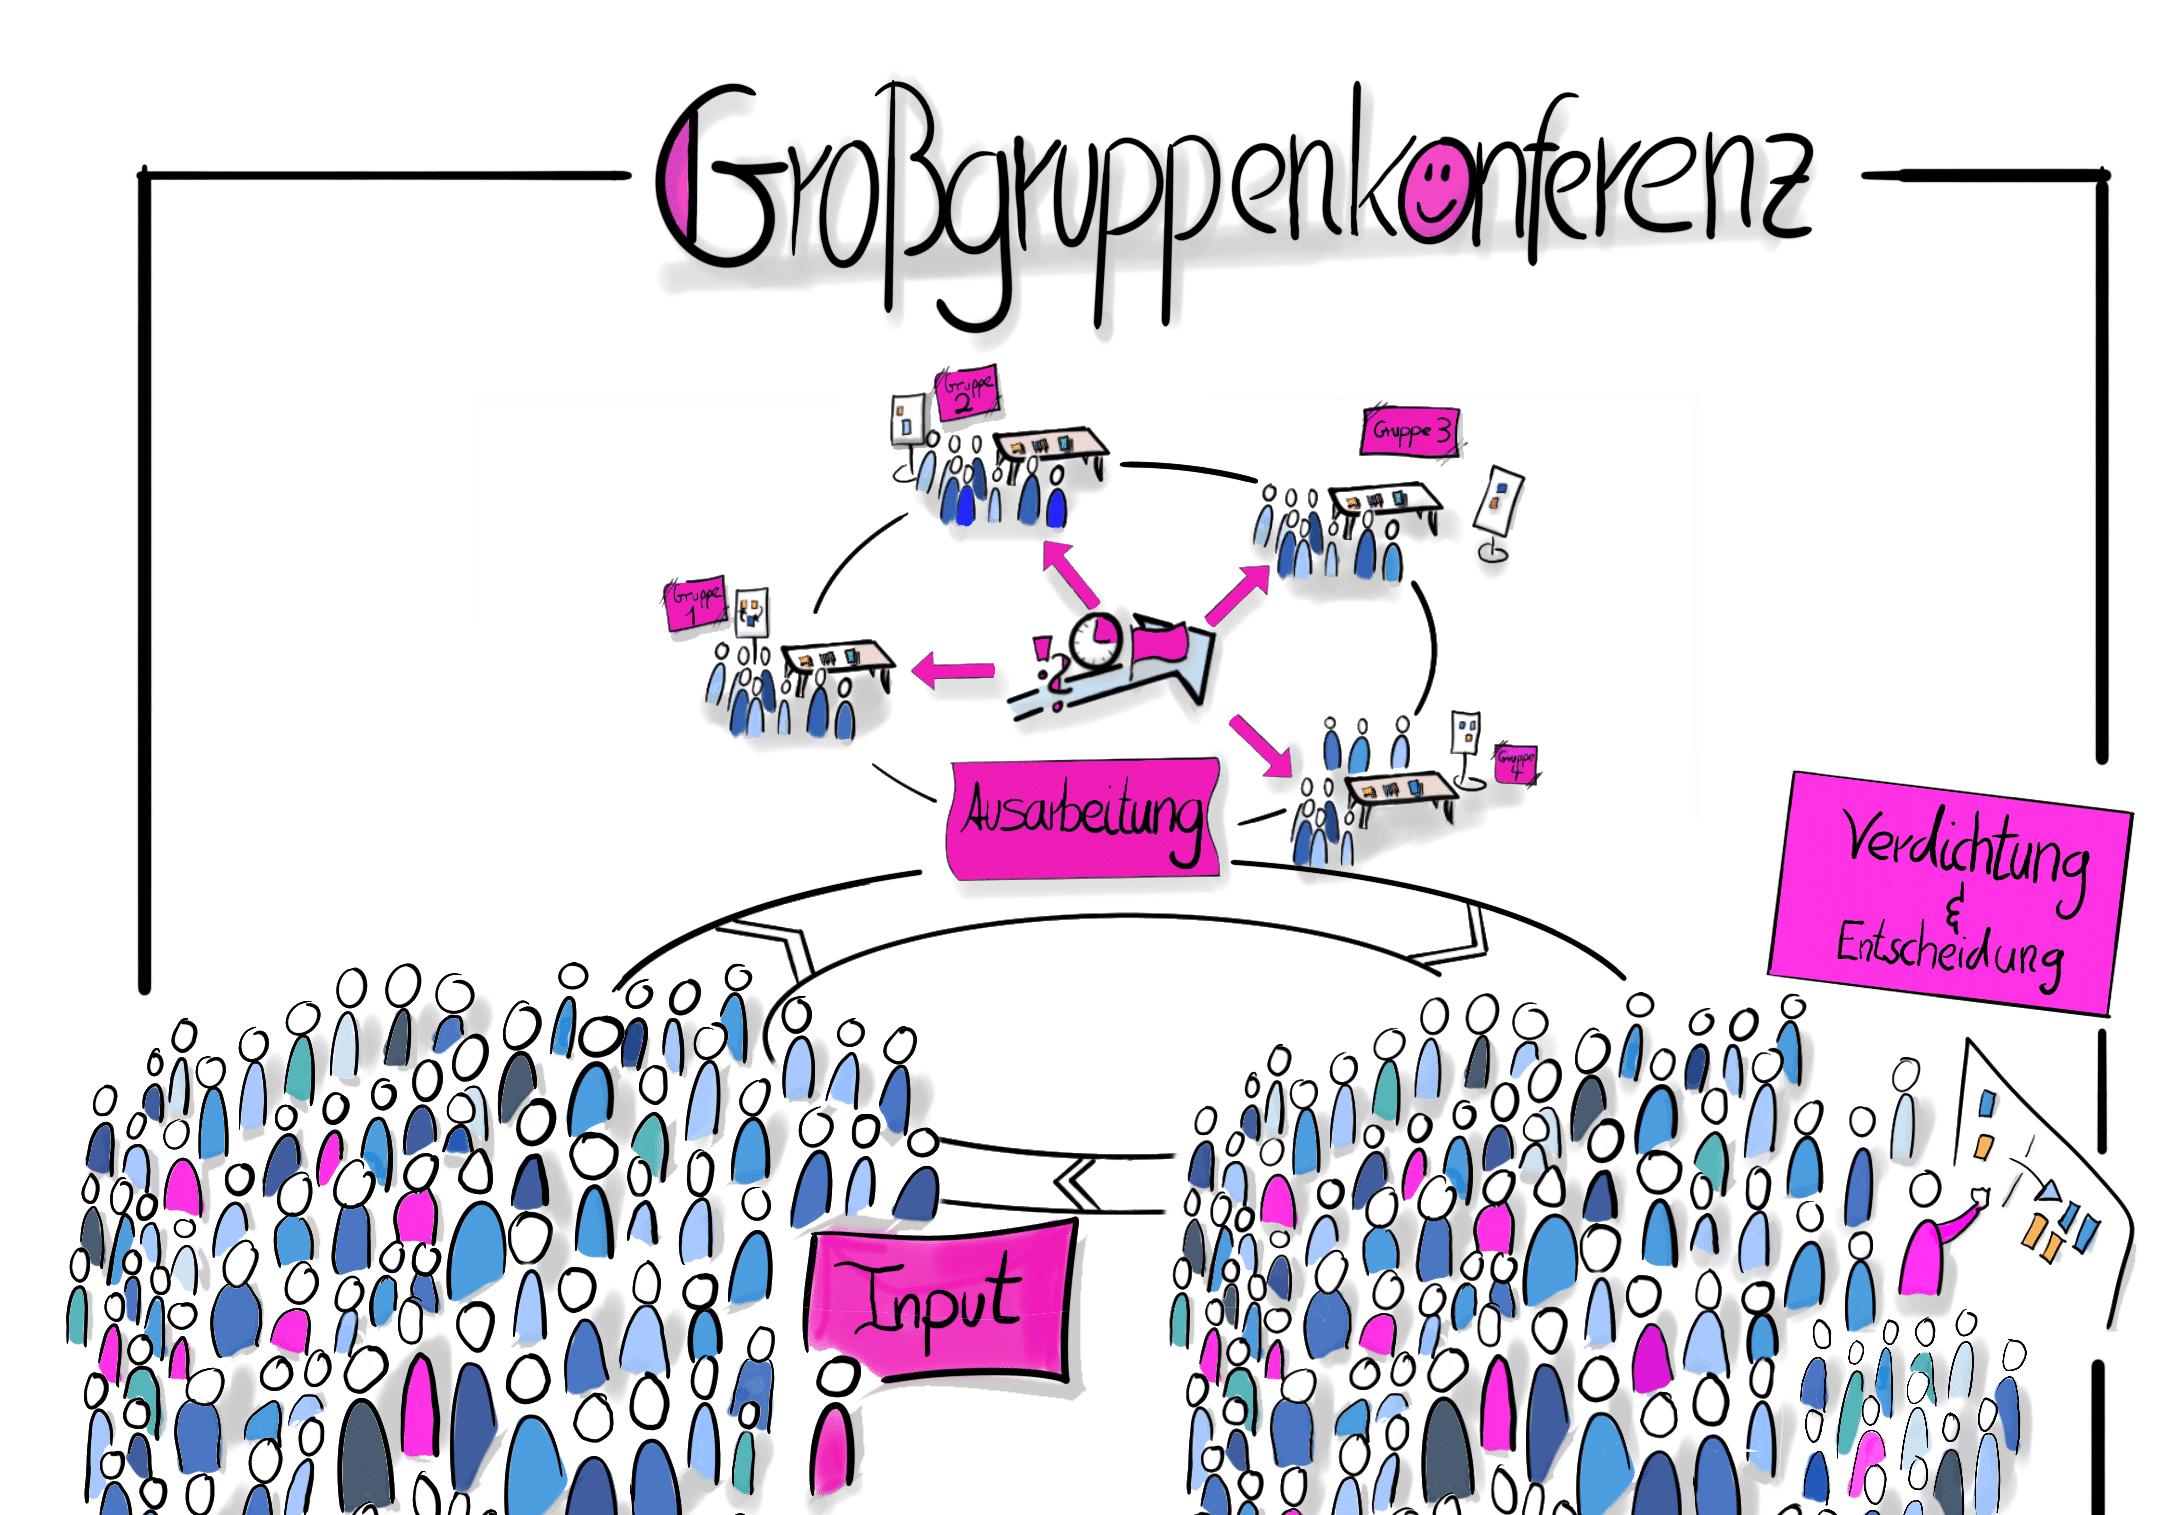 Großgruppenkonferenz meets Komplexität